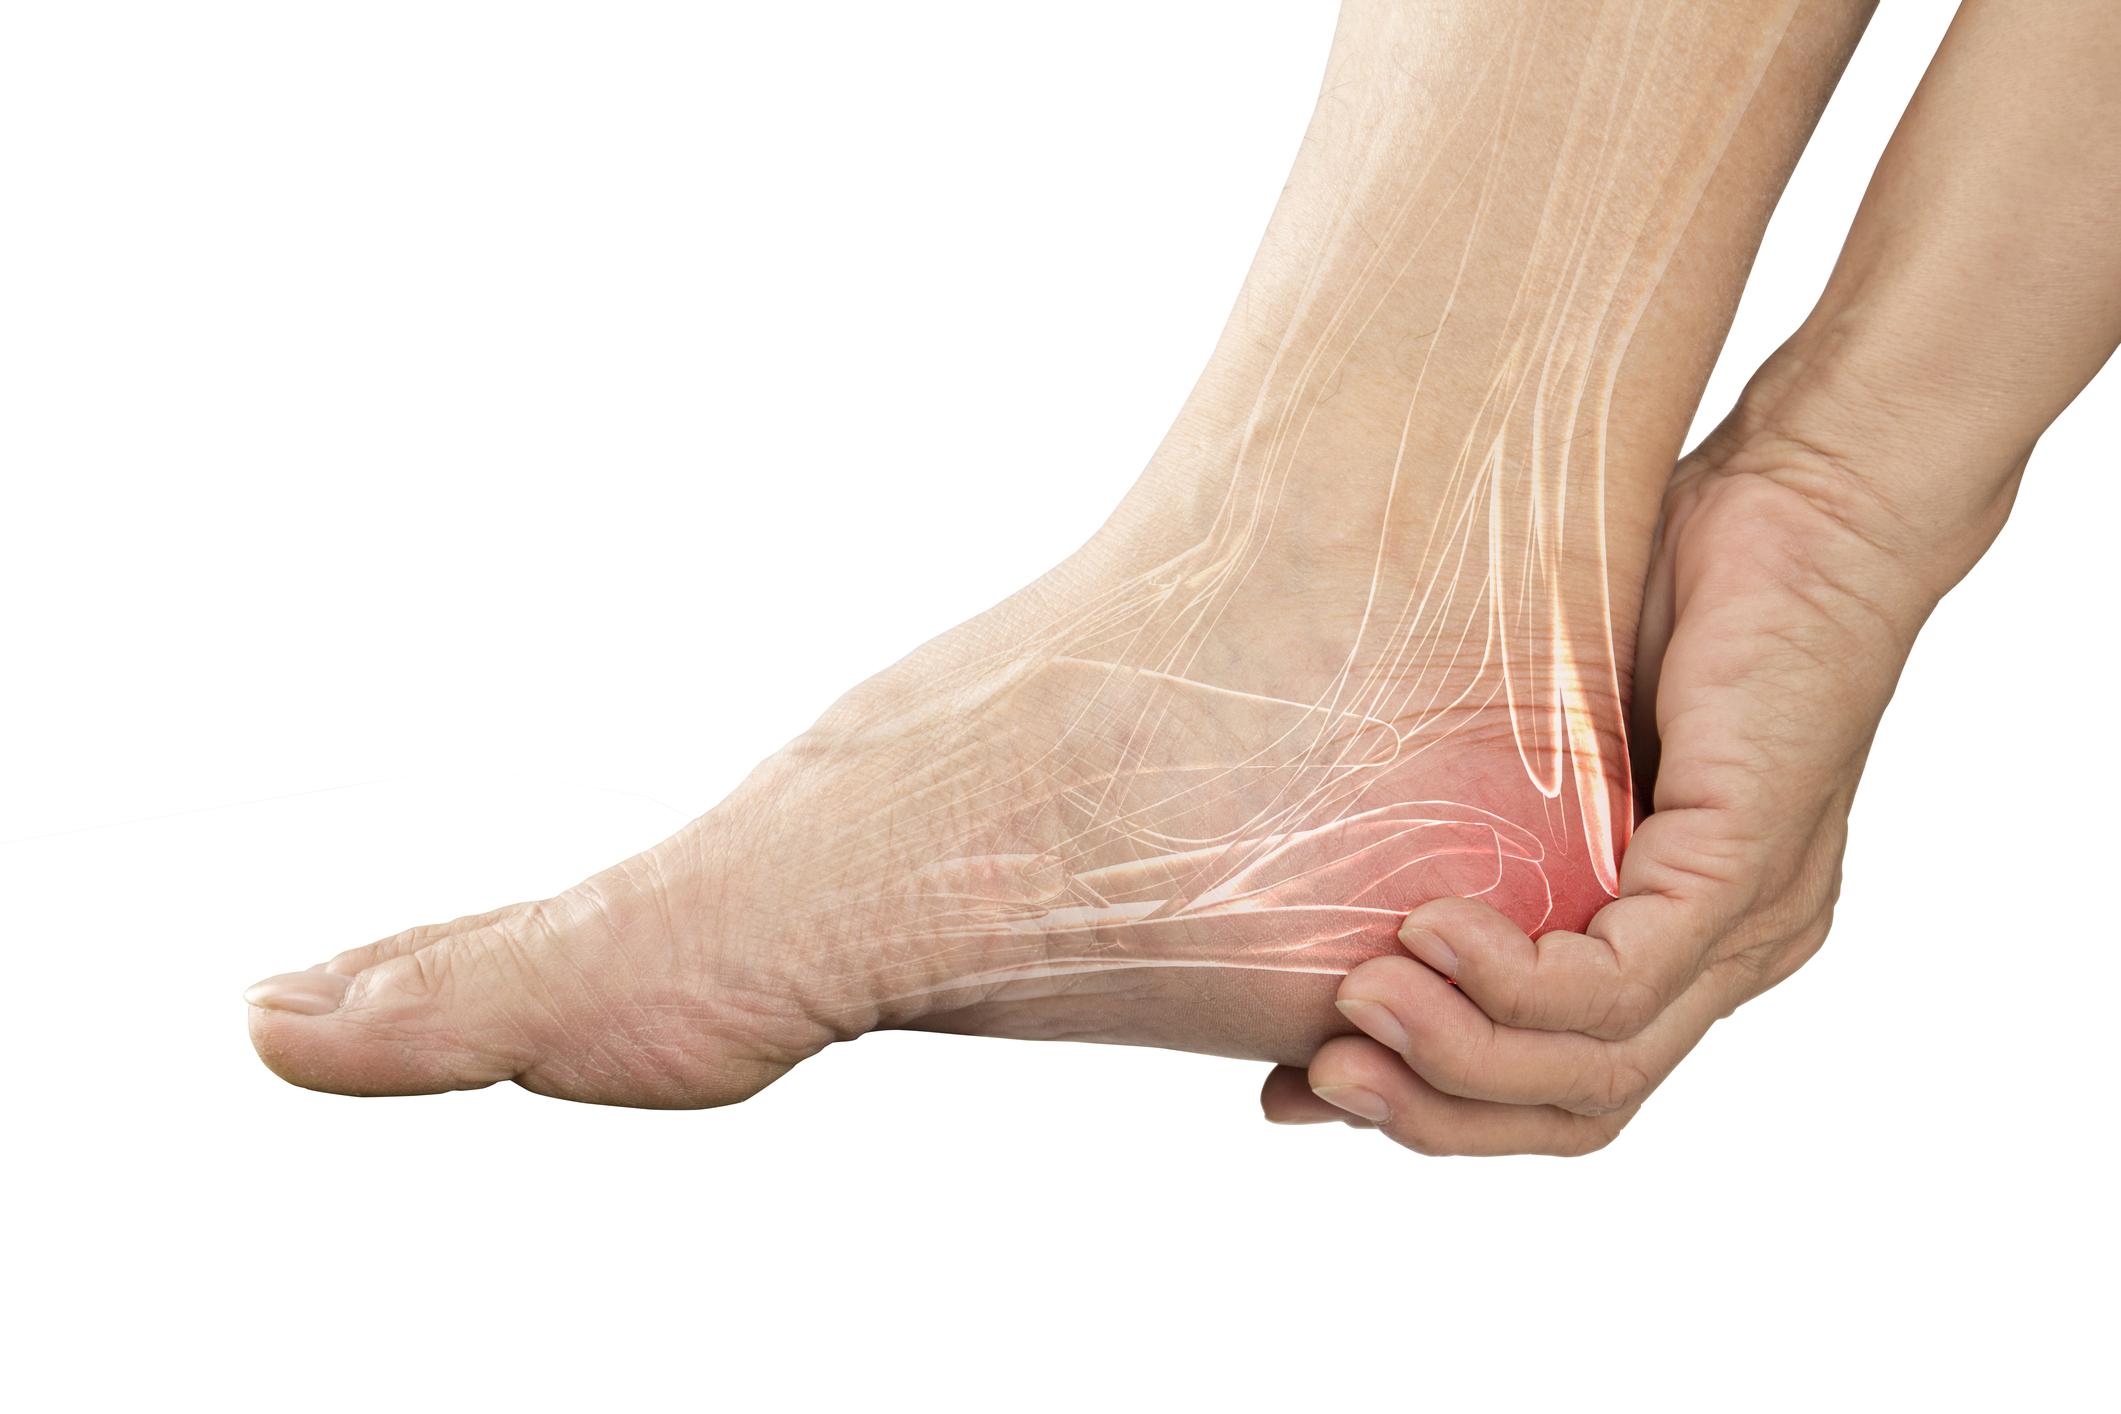 az ízületi kezelés folyamatosan fáj a karját lágyszövetek és ízületek poszt-traumás gyulladása